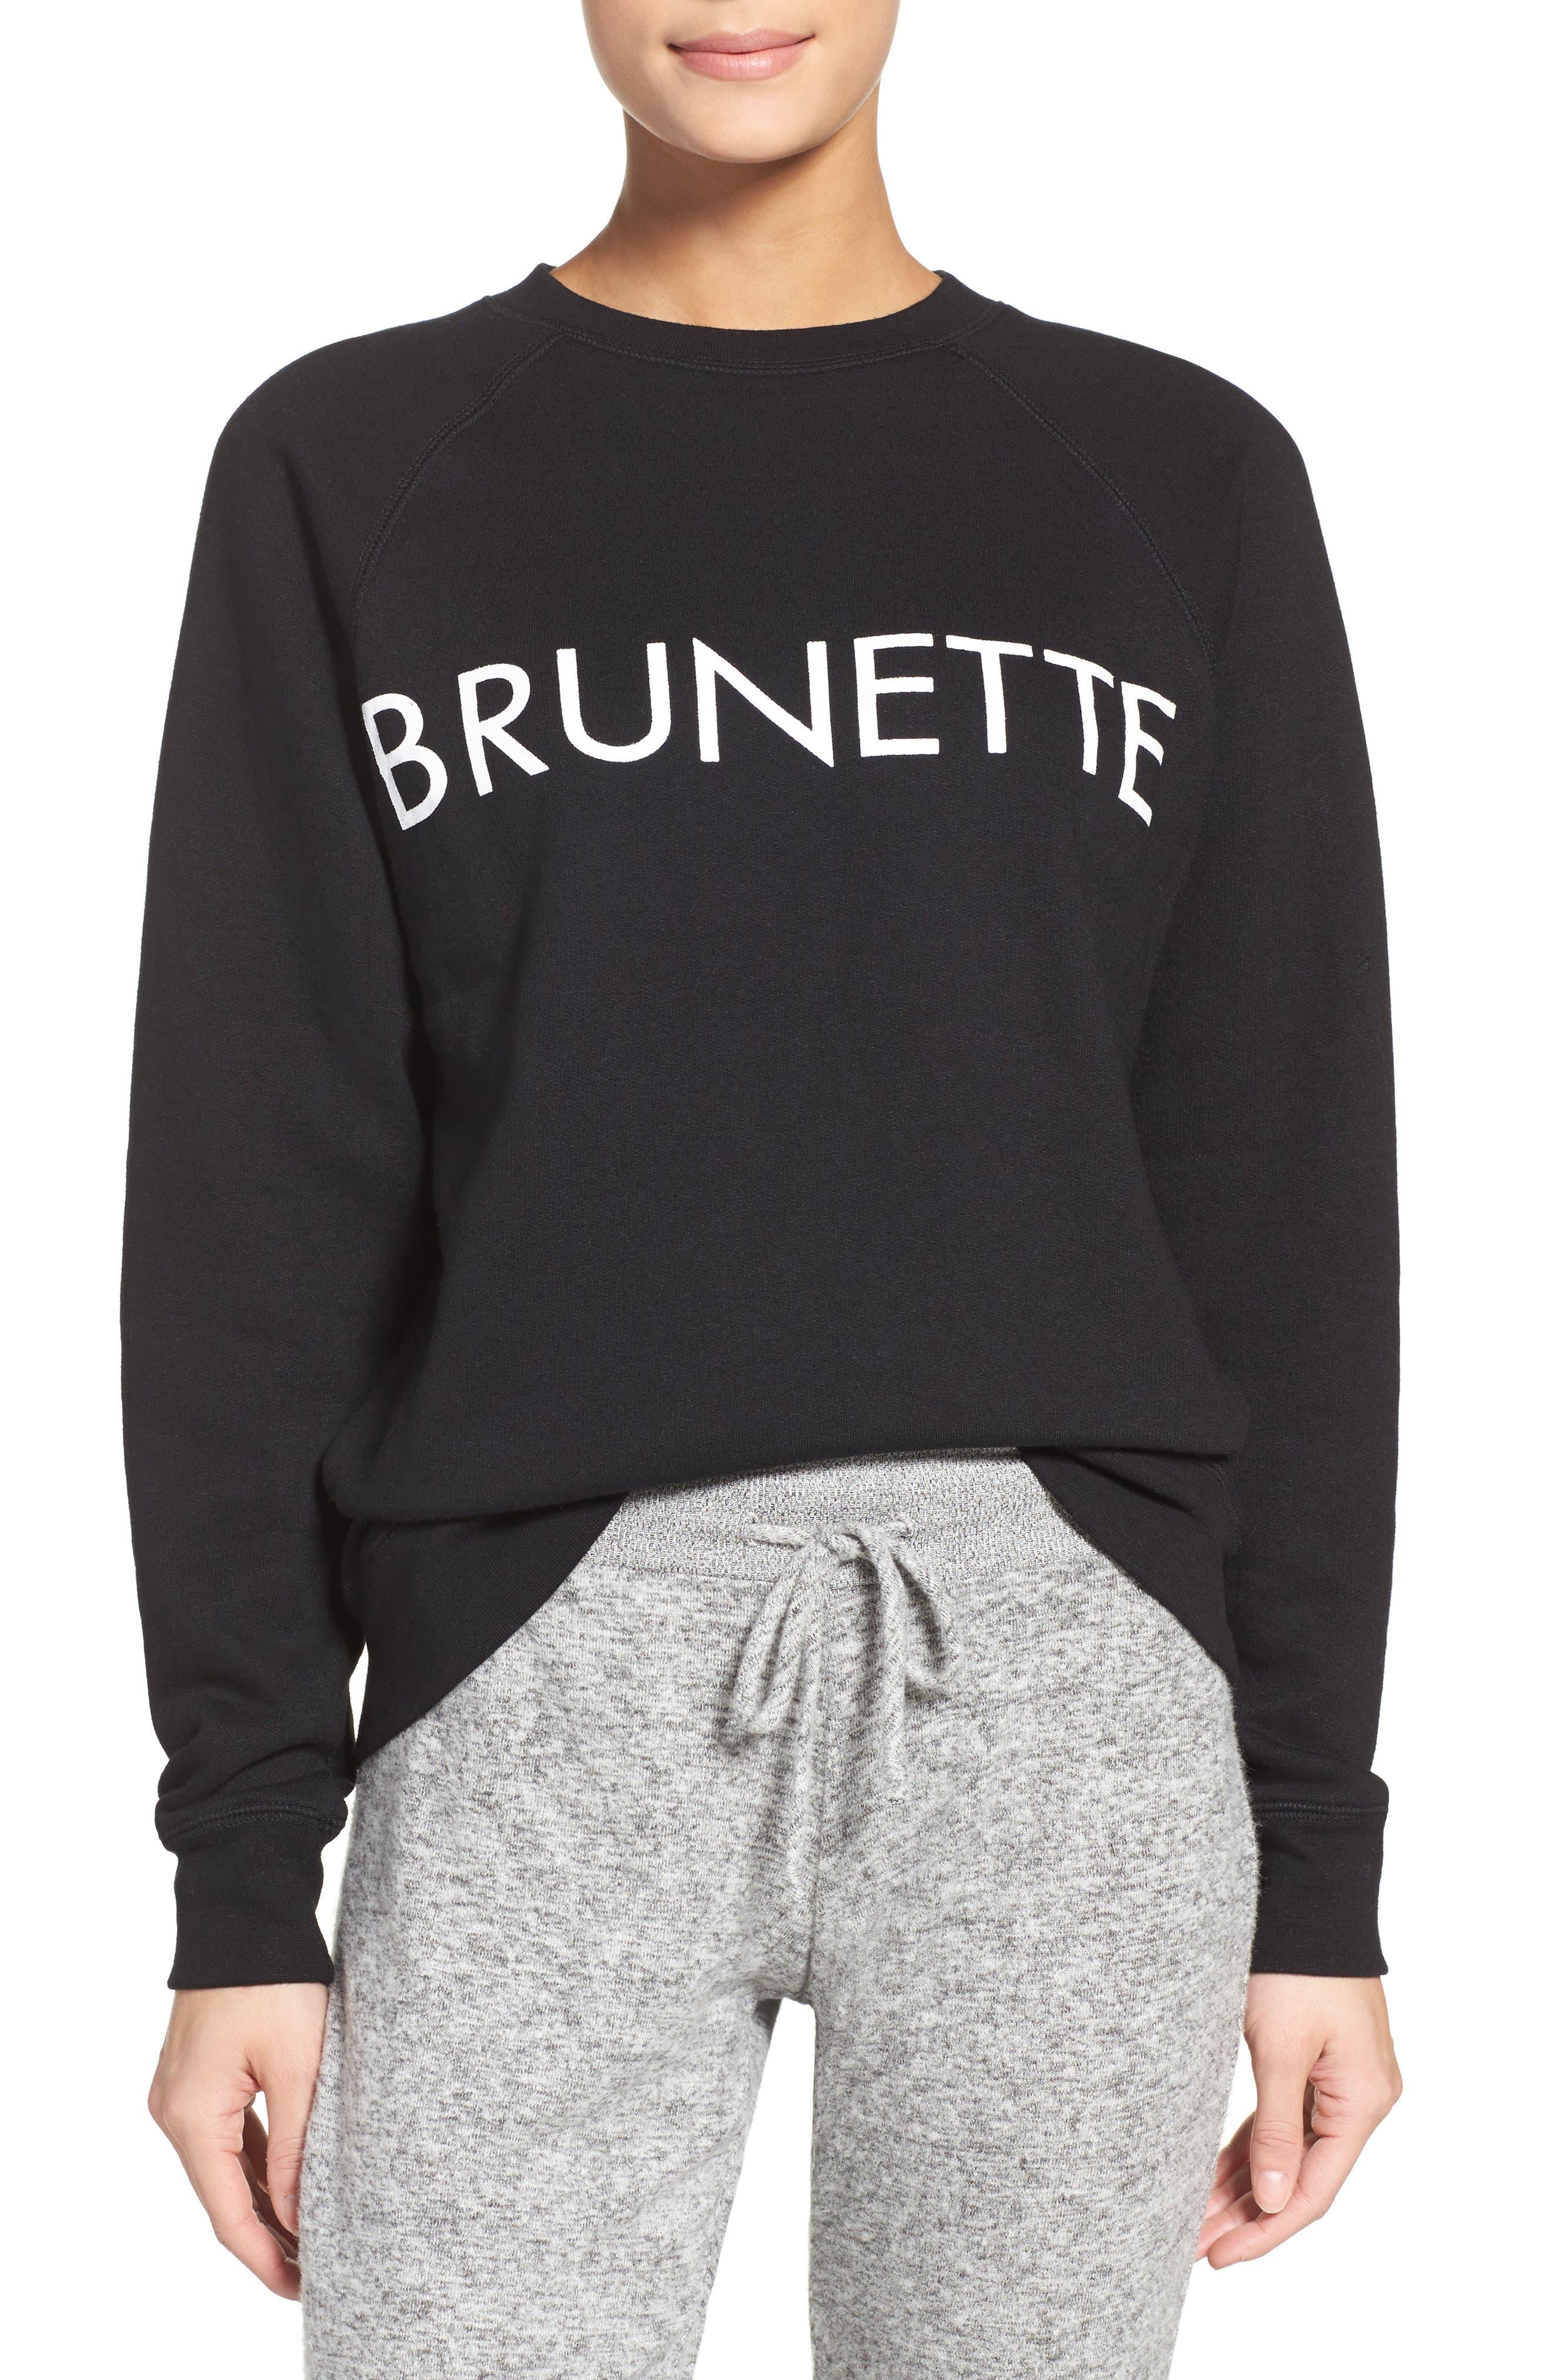 Brunette Crewneck Sweatshirt,                             Alternate thumbnail 2, color,                             001